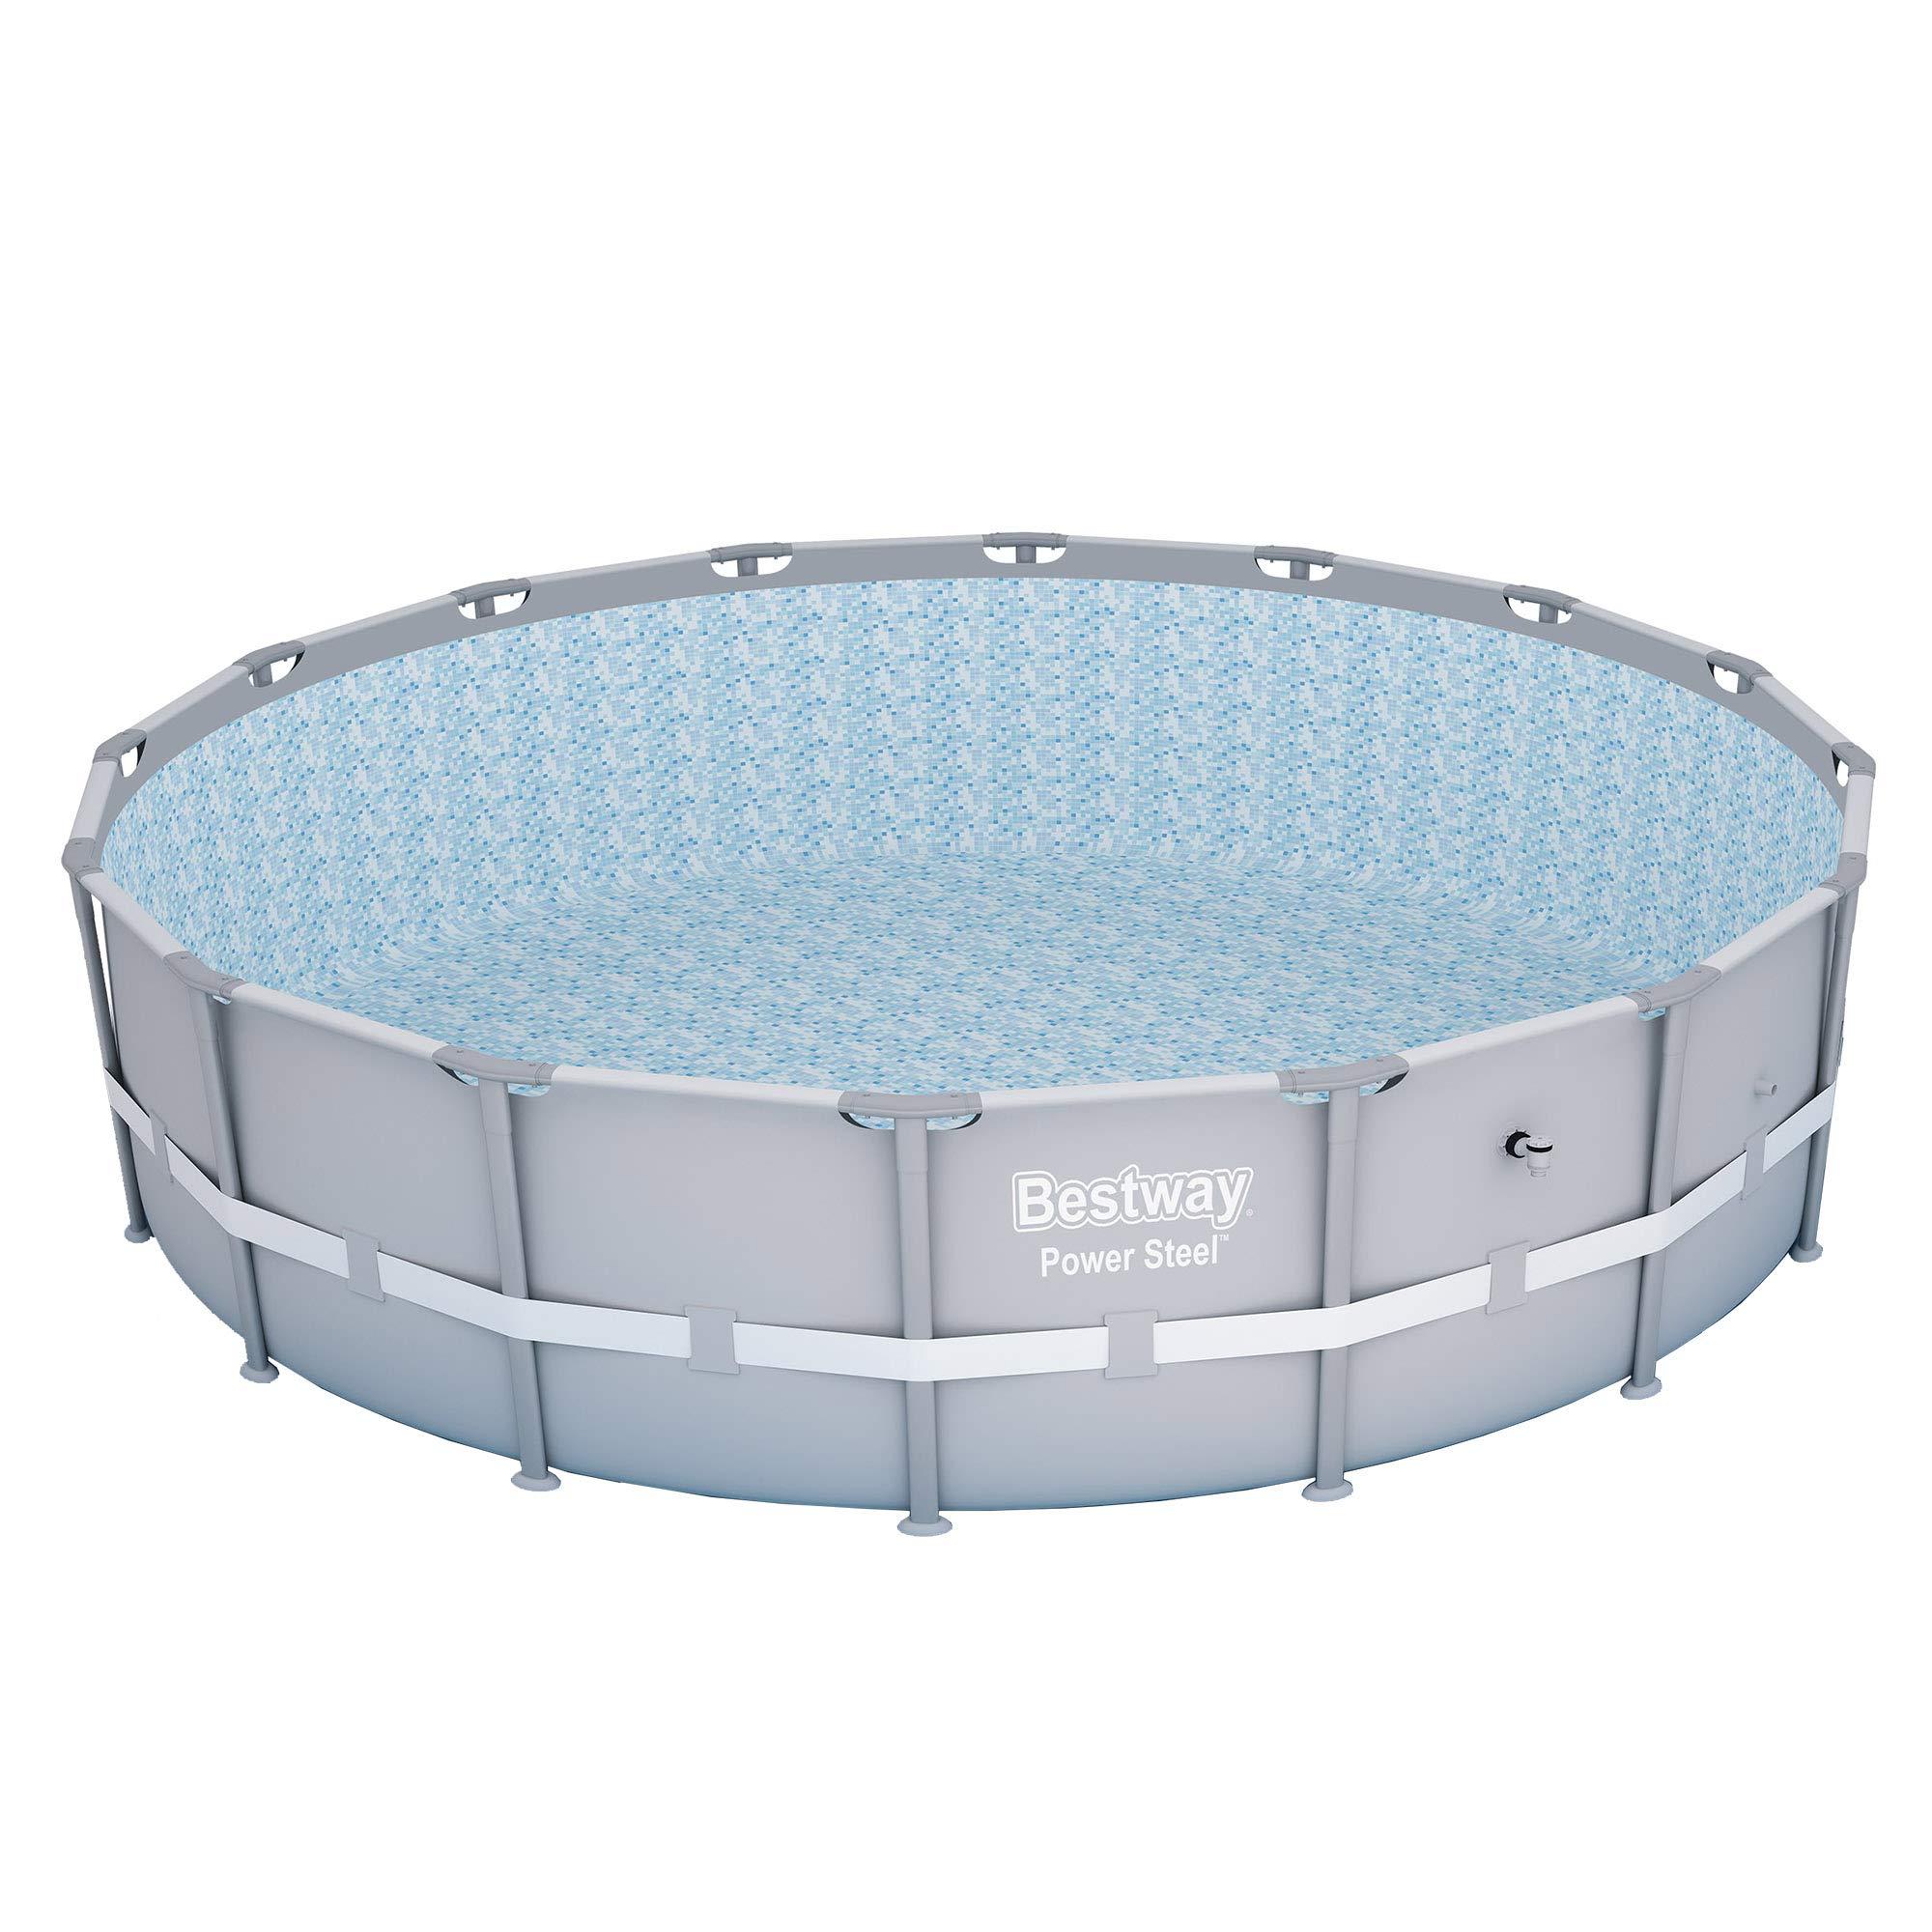 Bestway 13429 Power Steel Swimming Pool, 16' x 48'' by Bestway